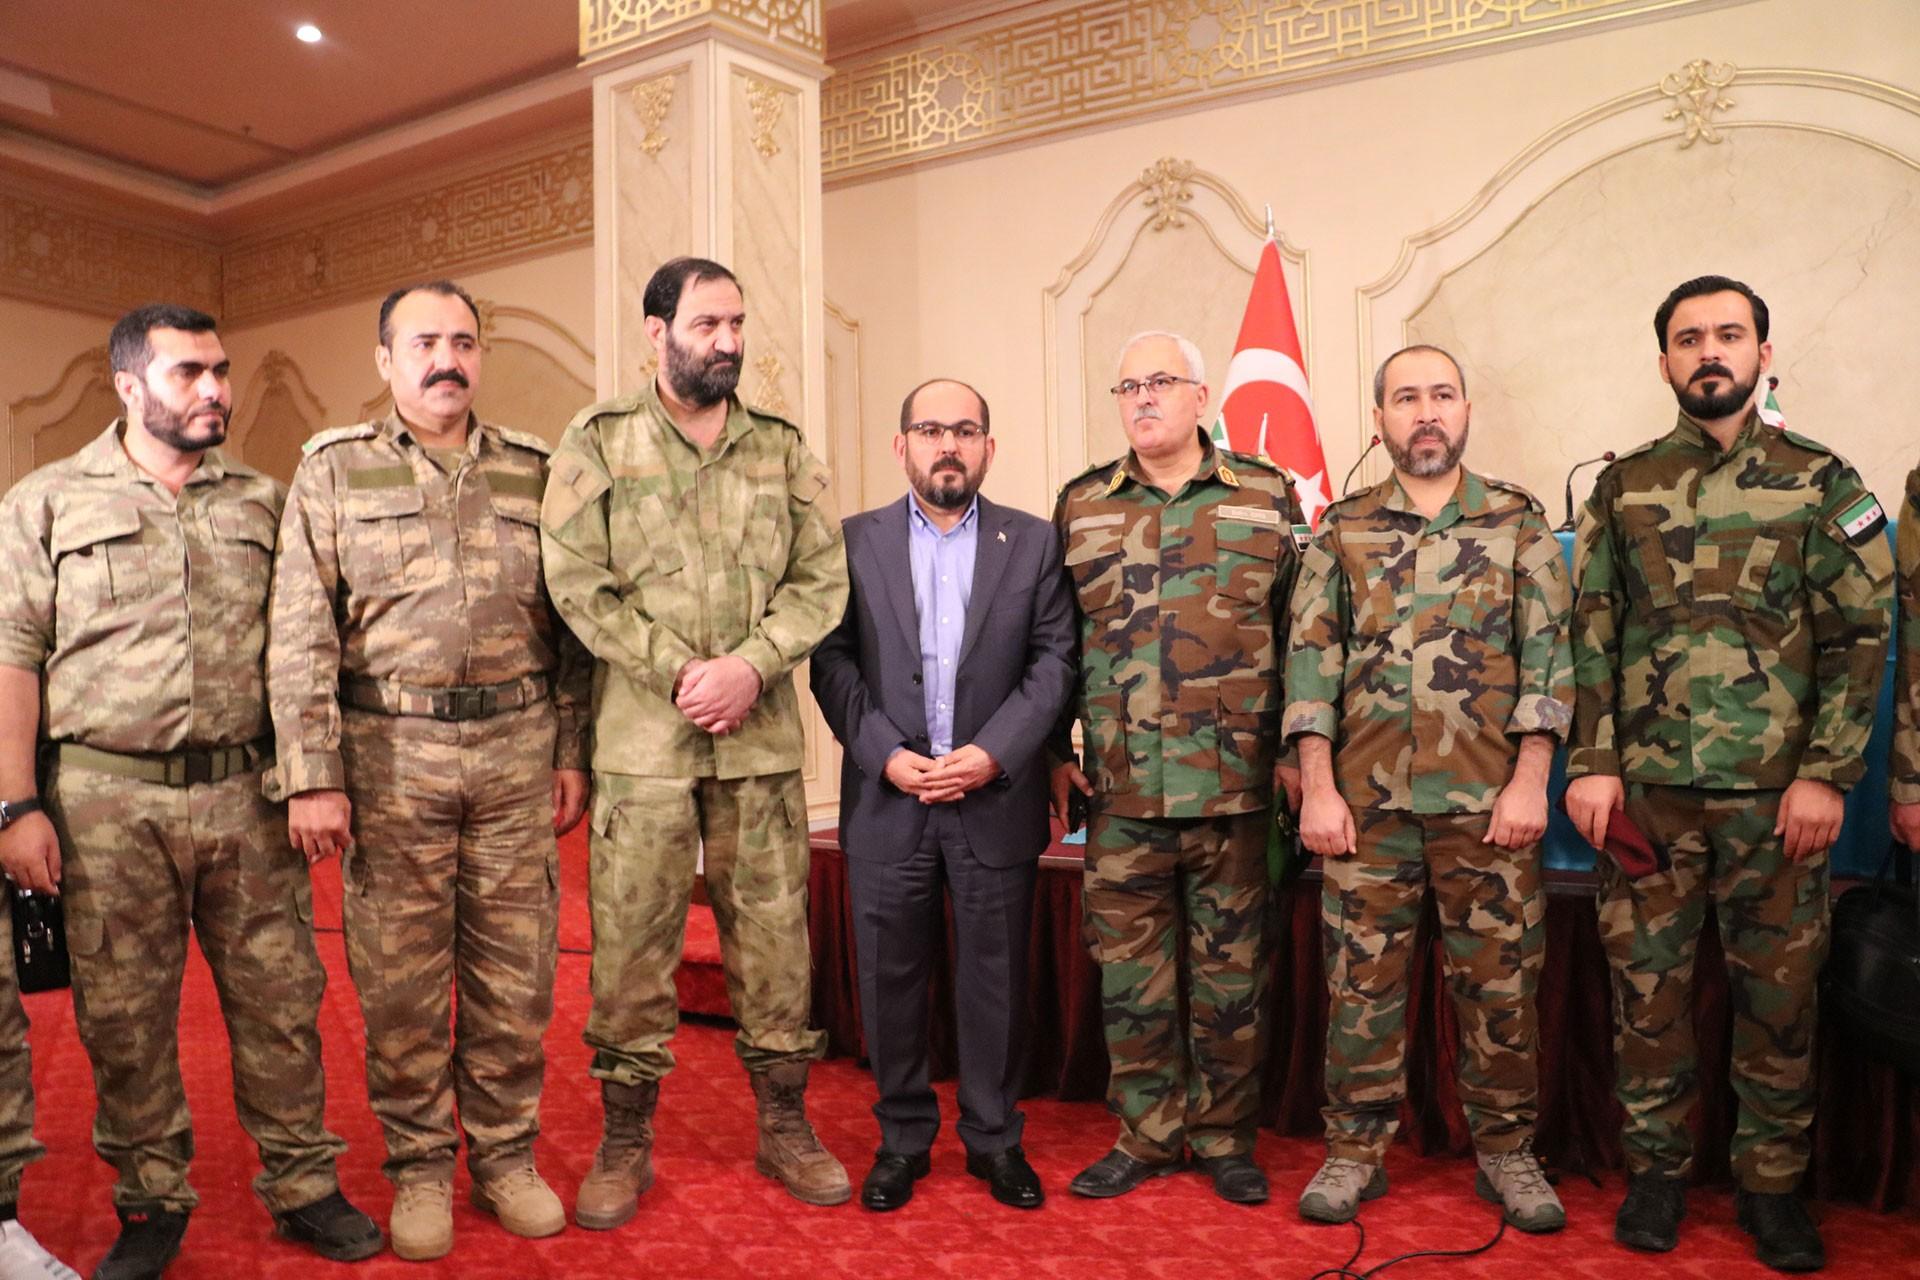 Suriye'deki cihatçılar 'Suriye Milli Ordusu' kurdu, açıklamayı Urfa'da yaptı!